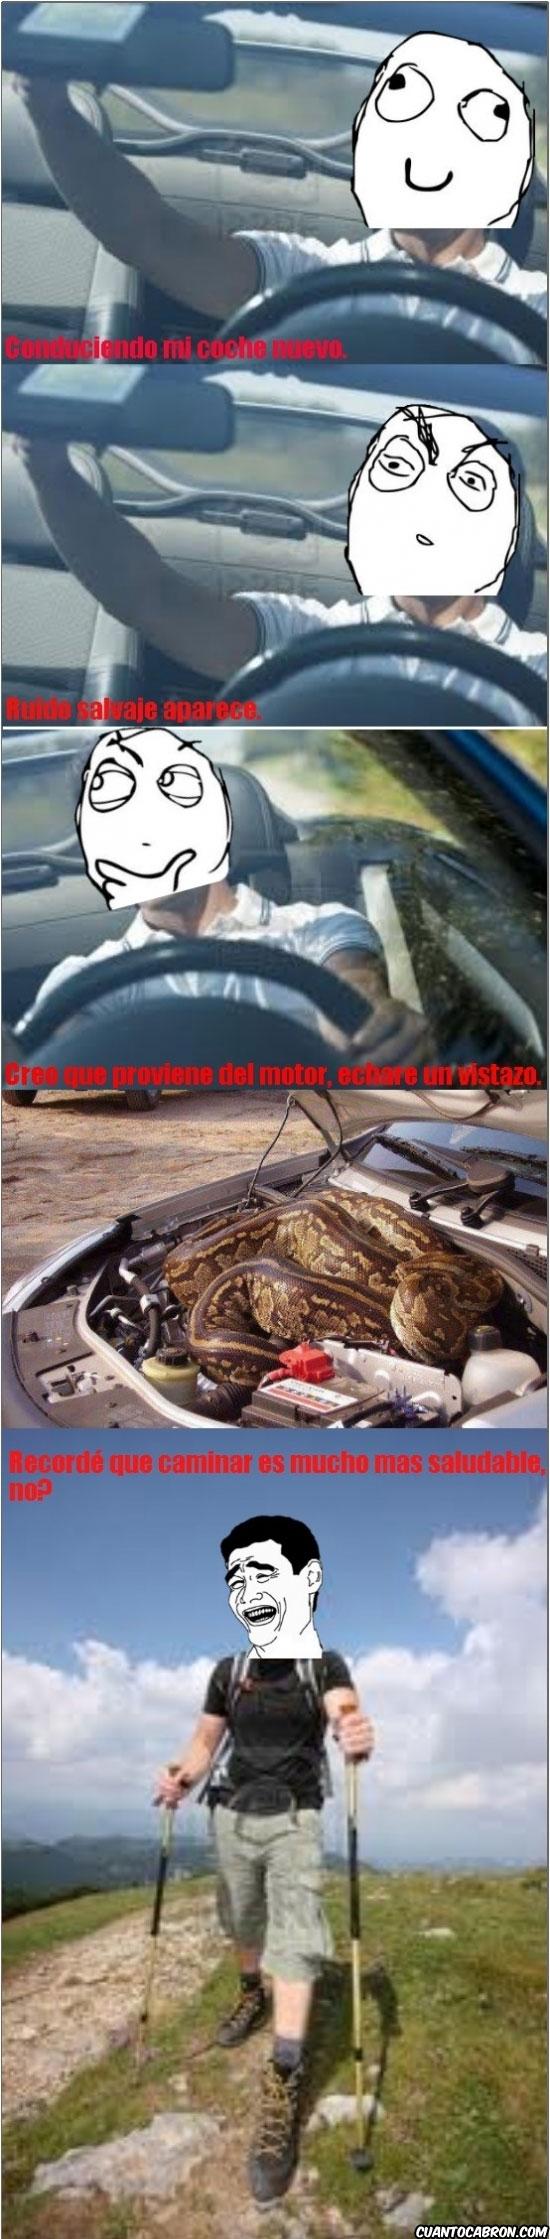 Yao - Tal vez deba revisar el motor...